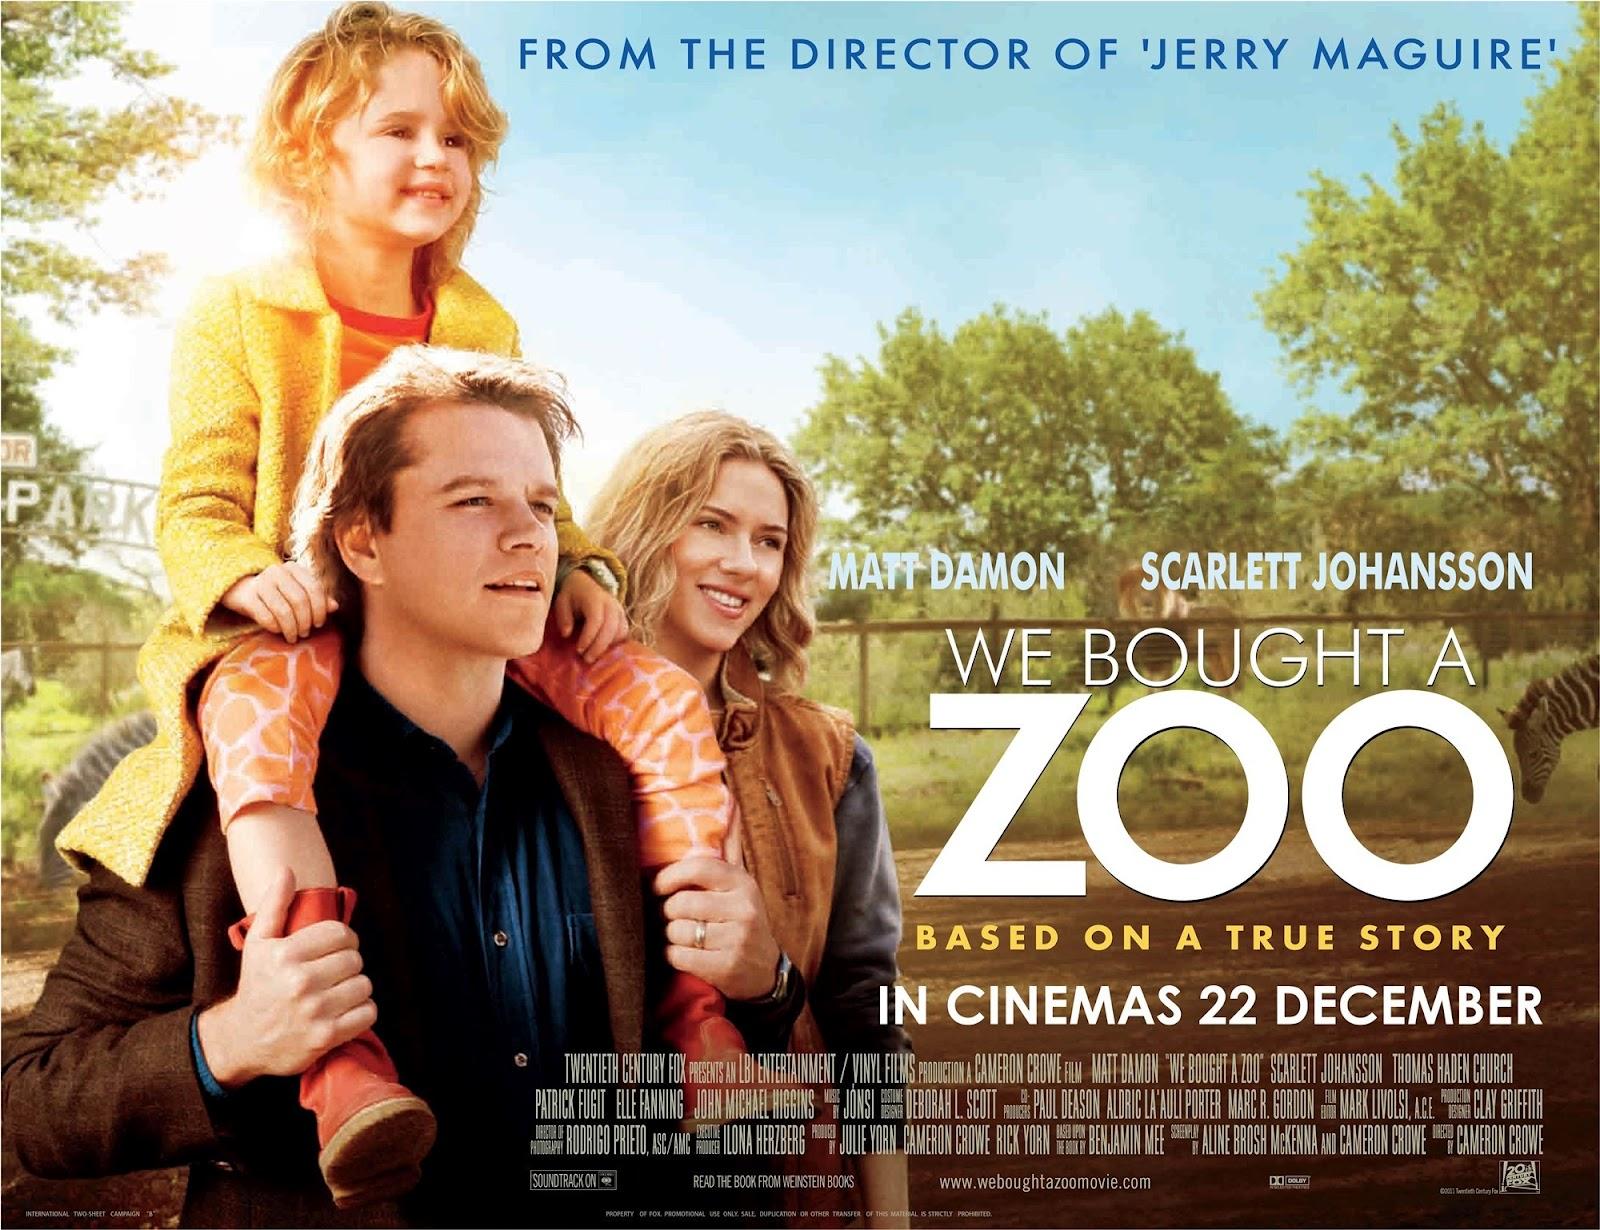 http://1.bp.blogspot.com/-UOScZp_XKYA/T6A2bphRpZI/AAAAAAAAAAc/mlRgtfowQrU/s1600/we-bought-a-zoo-poster05.jpg